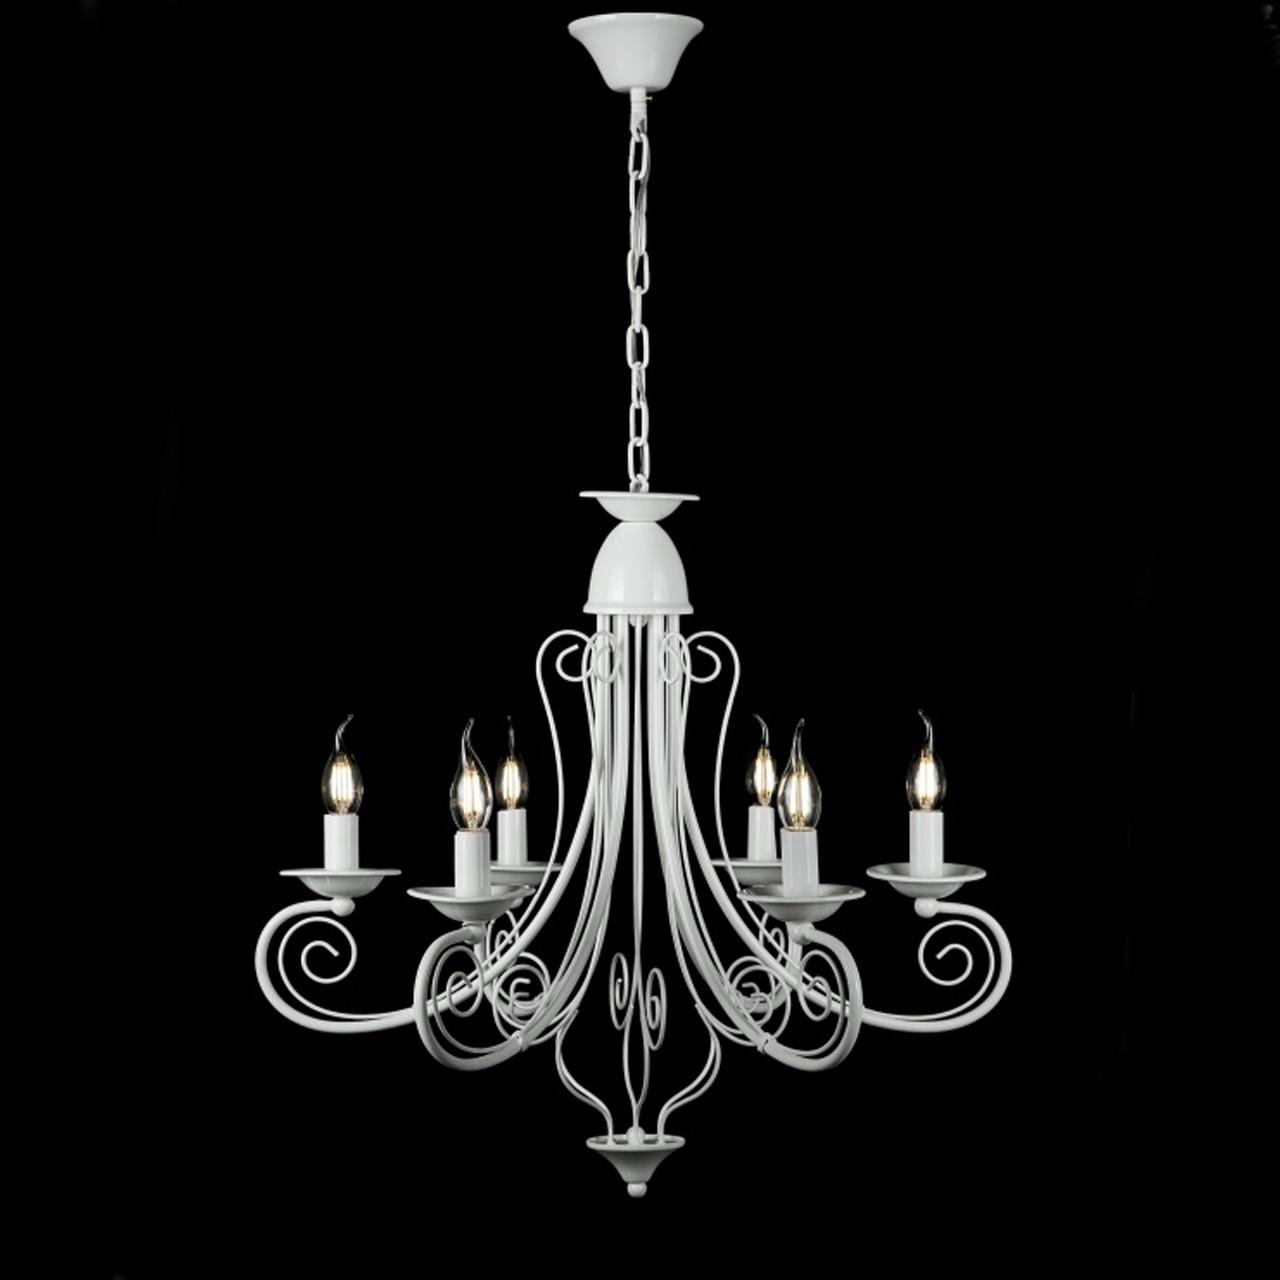 Класична люстра-свічка на 6 ламп біла СветМира VL-L30689/6 (WT)